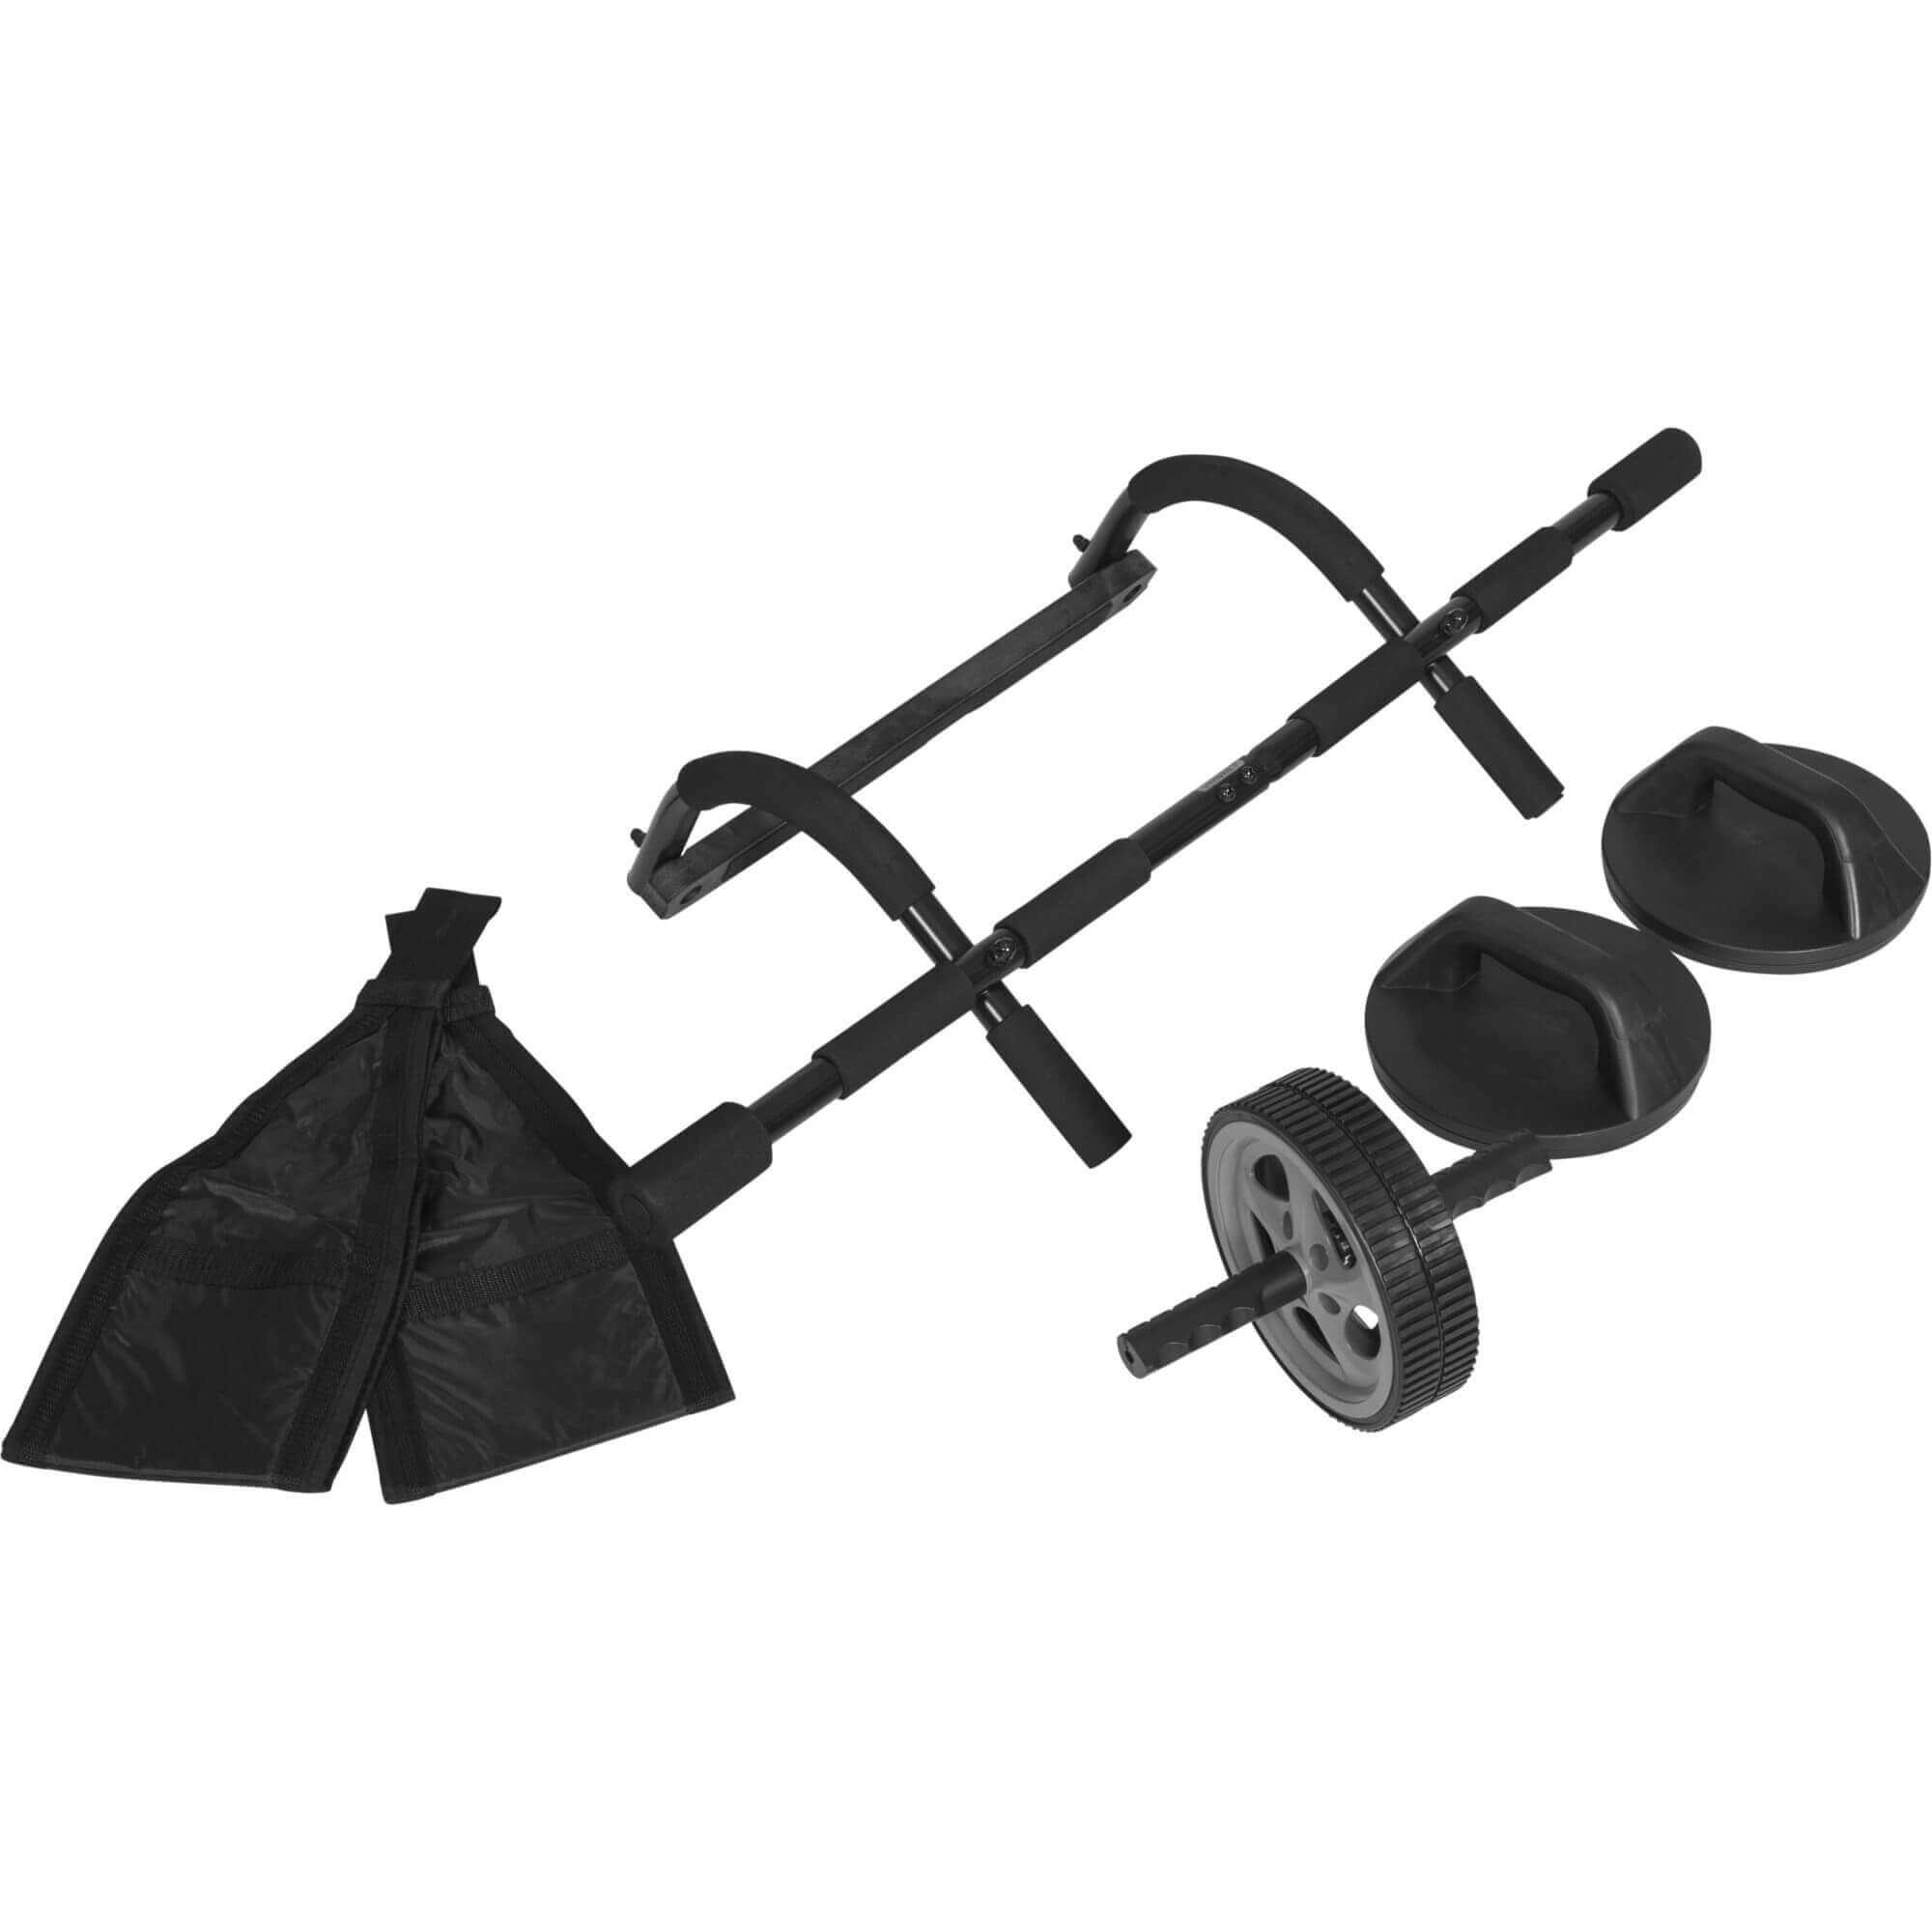 GORILLA SPORTS® Trainingsset 6 in 1 Klimmzugstange Push Up Bar Ab Wheel